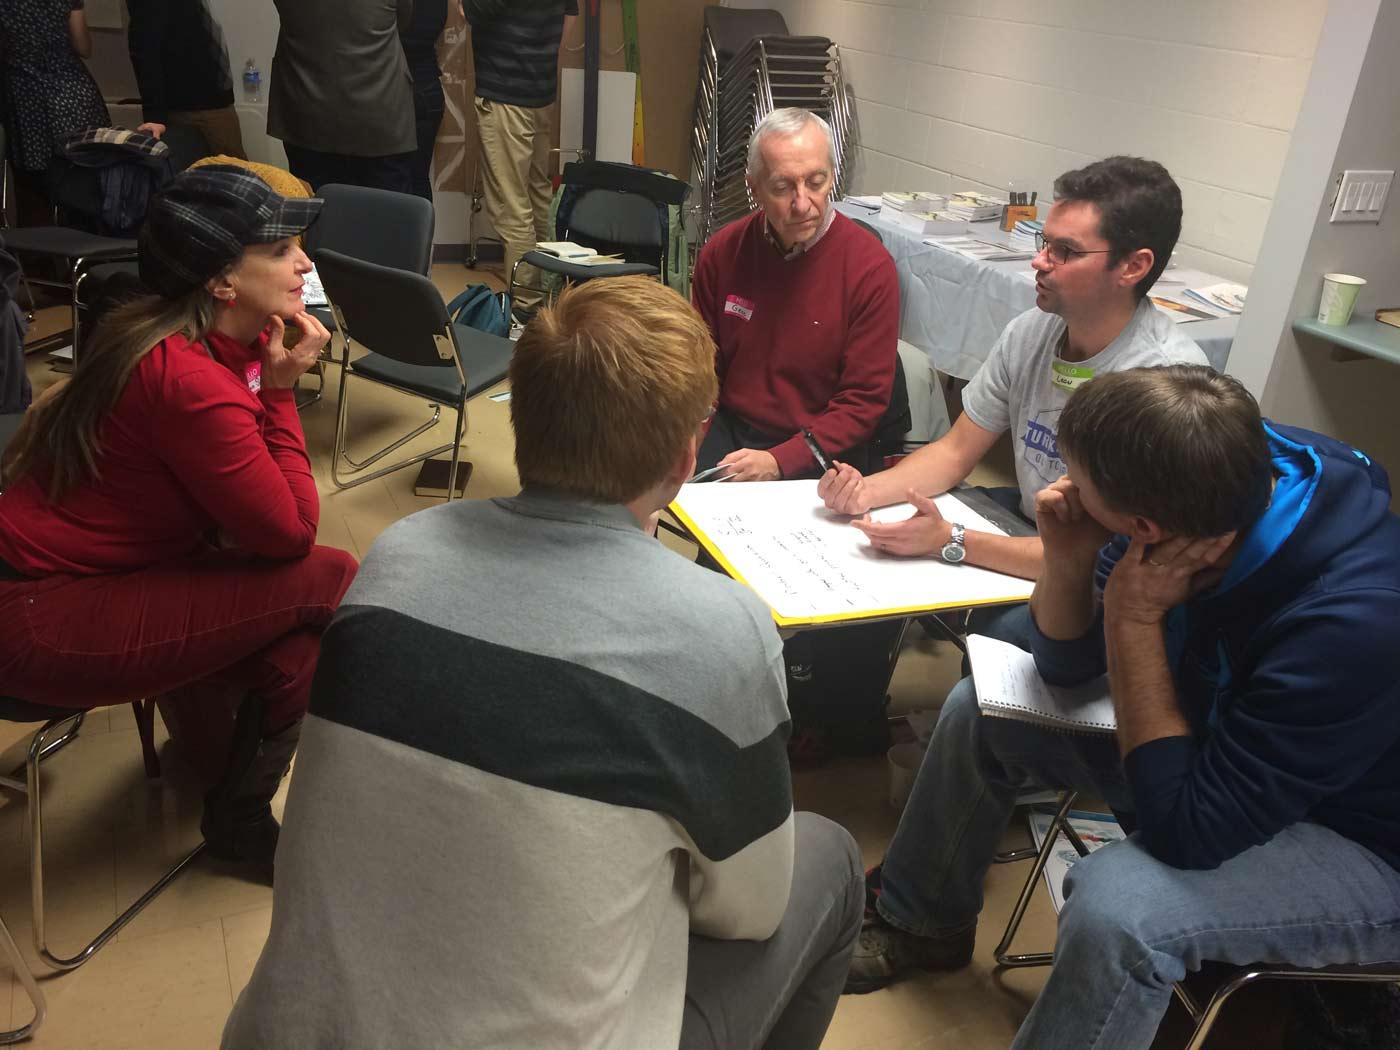 PC-group-co-participants.jpg